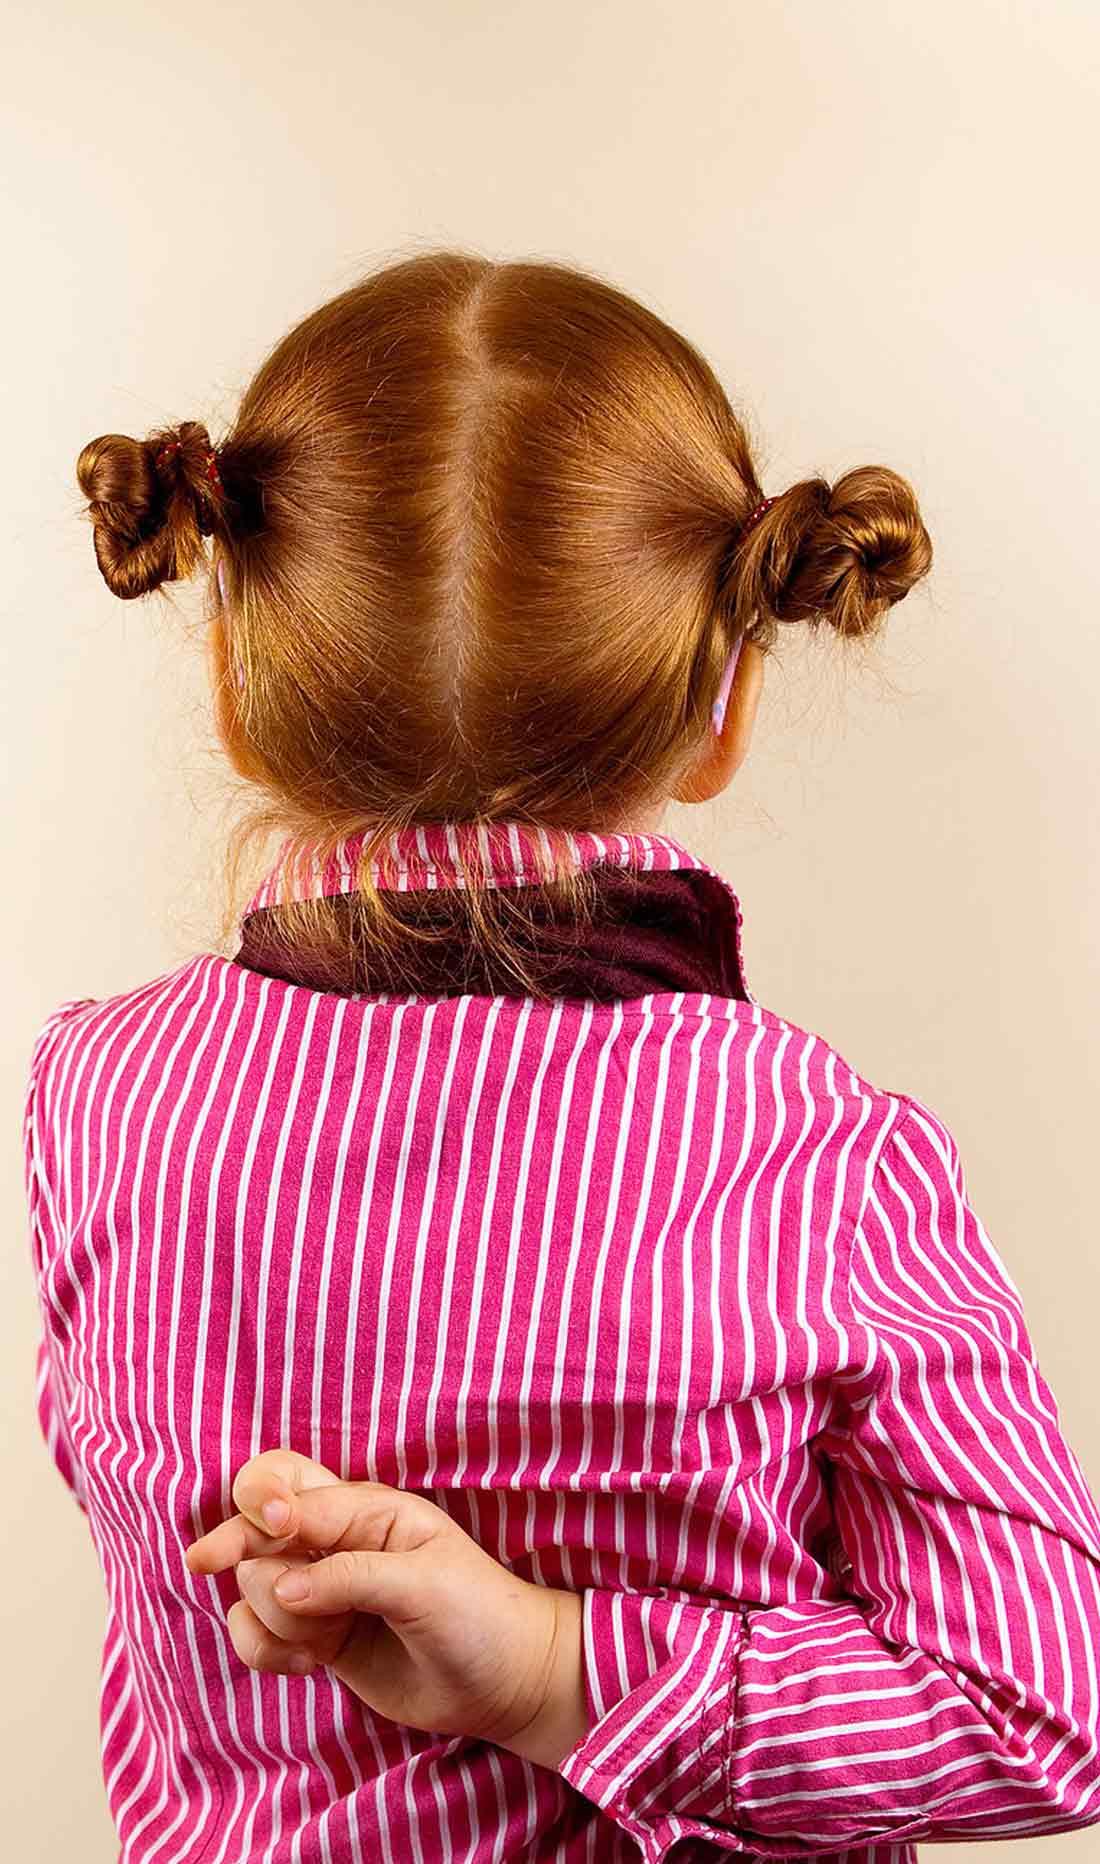 دزدی در کودکان: علل و راهکارها